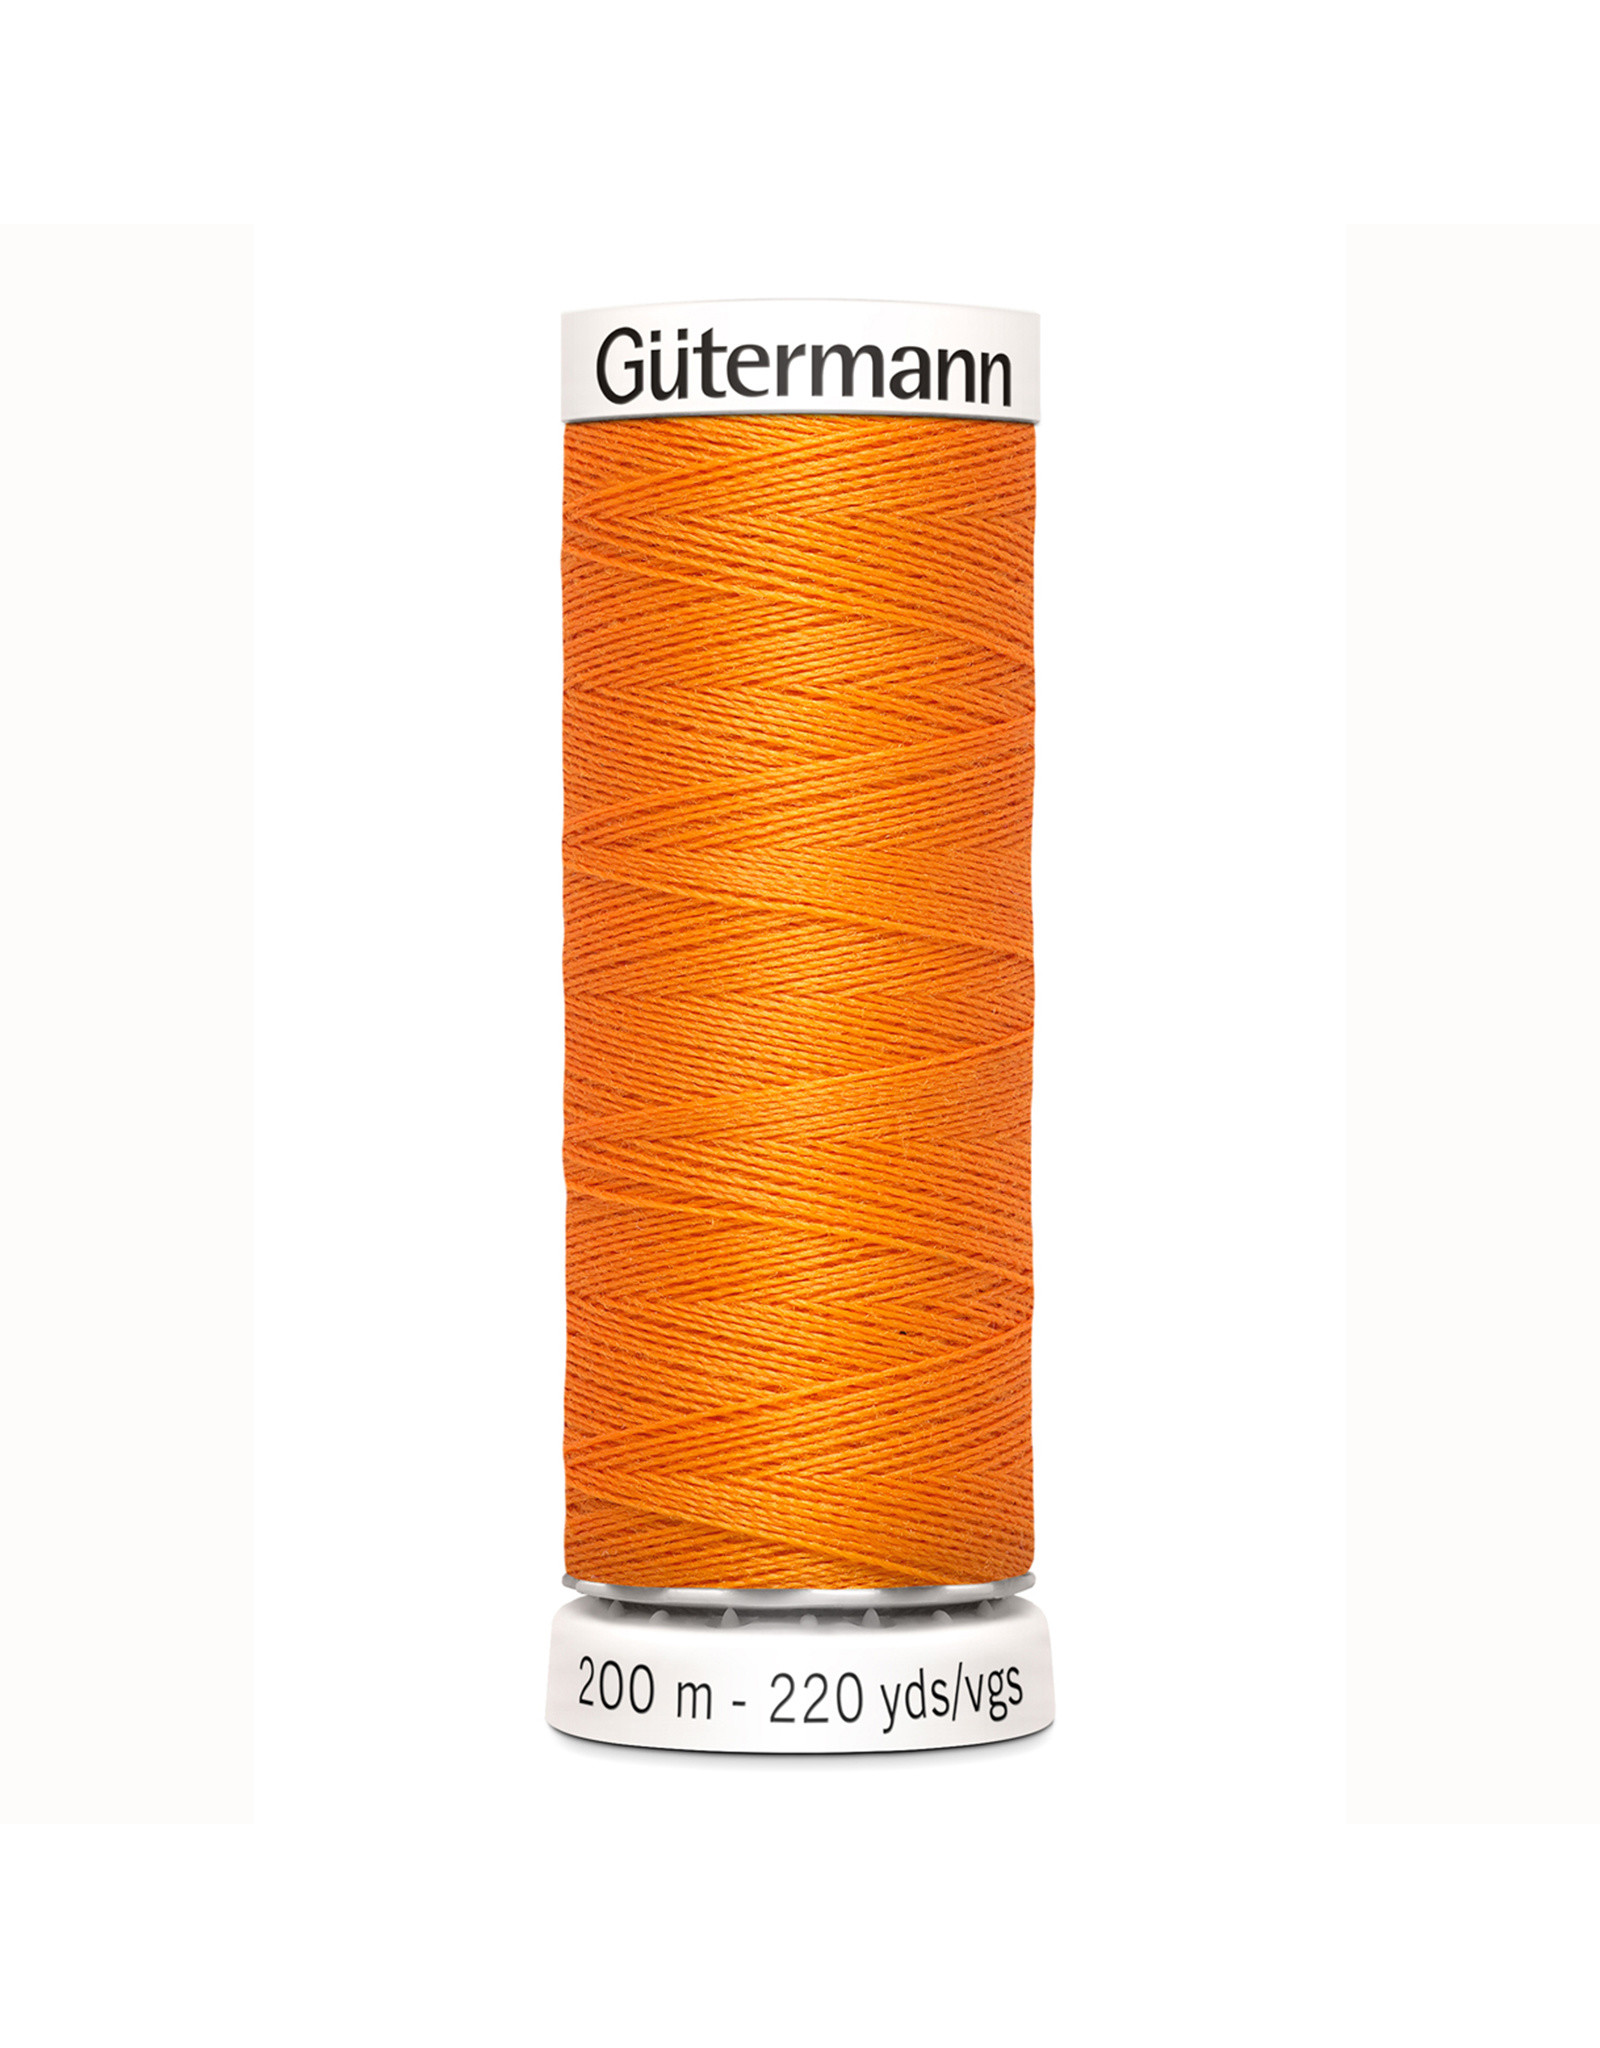 Gütermann Gütermann Nähgarn 200 m - nr 350